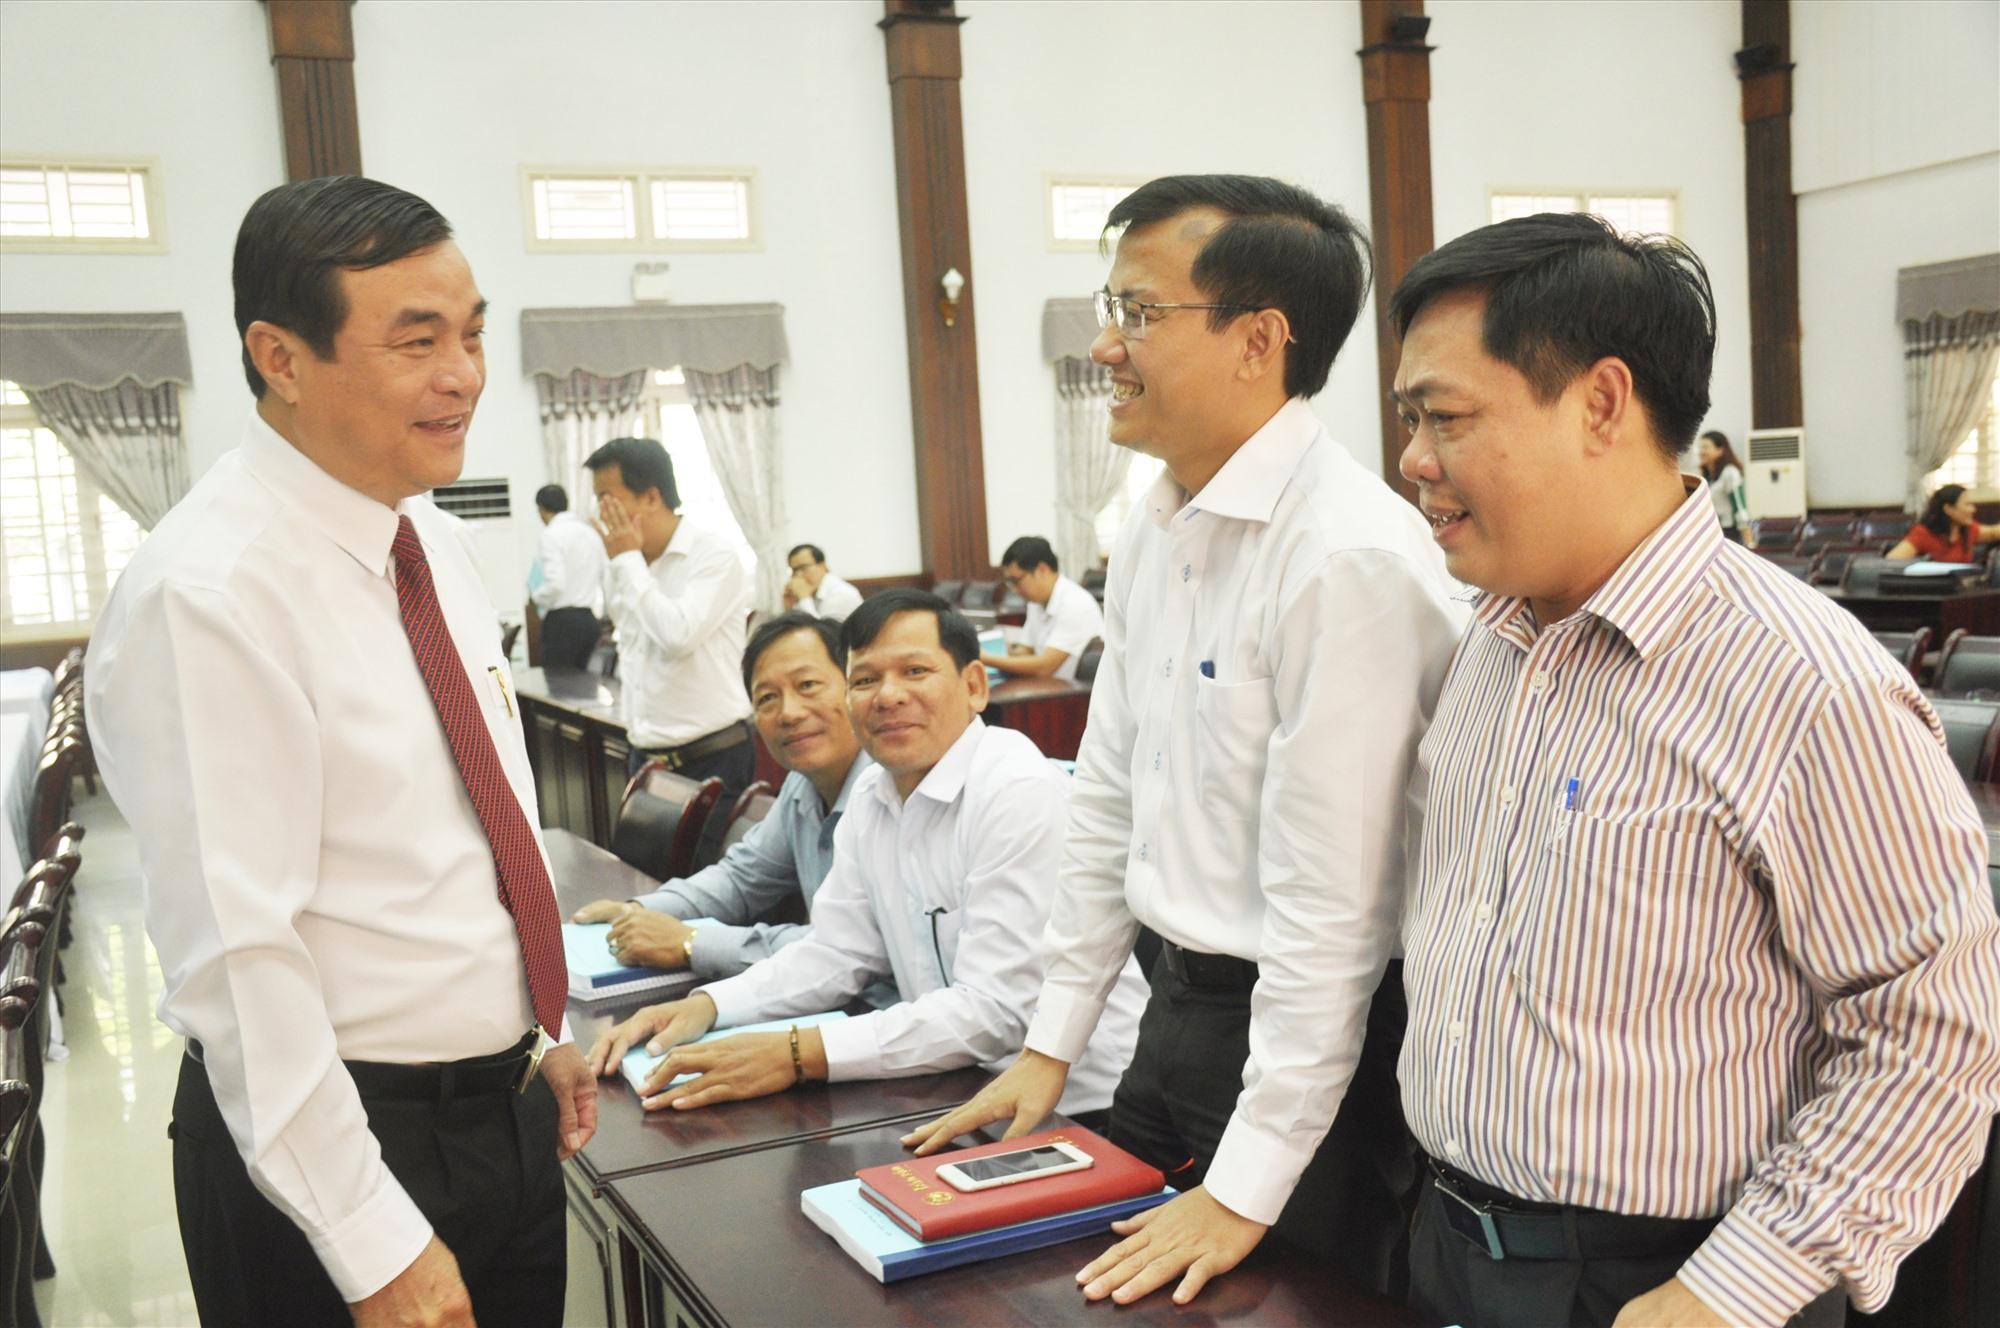 Bí thư Tỉnh ủy Phan Việt Cường trao đổi với các cán bộ cơ sở tham gia lớp bồi dưỡng cán bộ quy hoạch Ban Chấp hành Đảng bộ tỉnh nhiệm kỳ 2020 - 2025. Ảnh: N.Đ